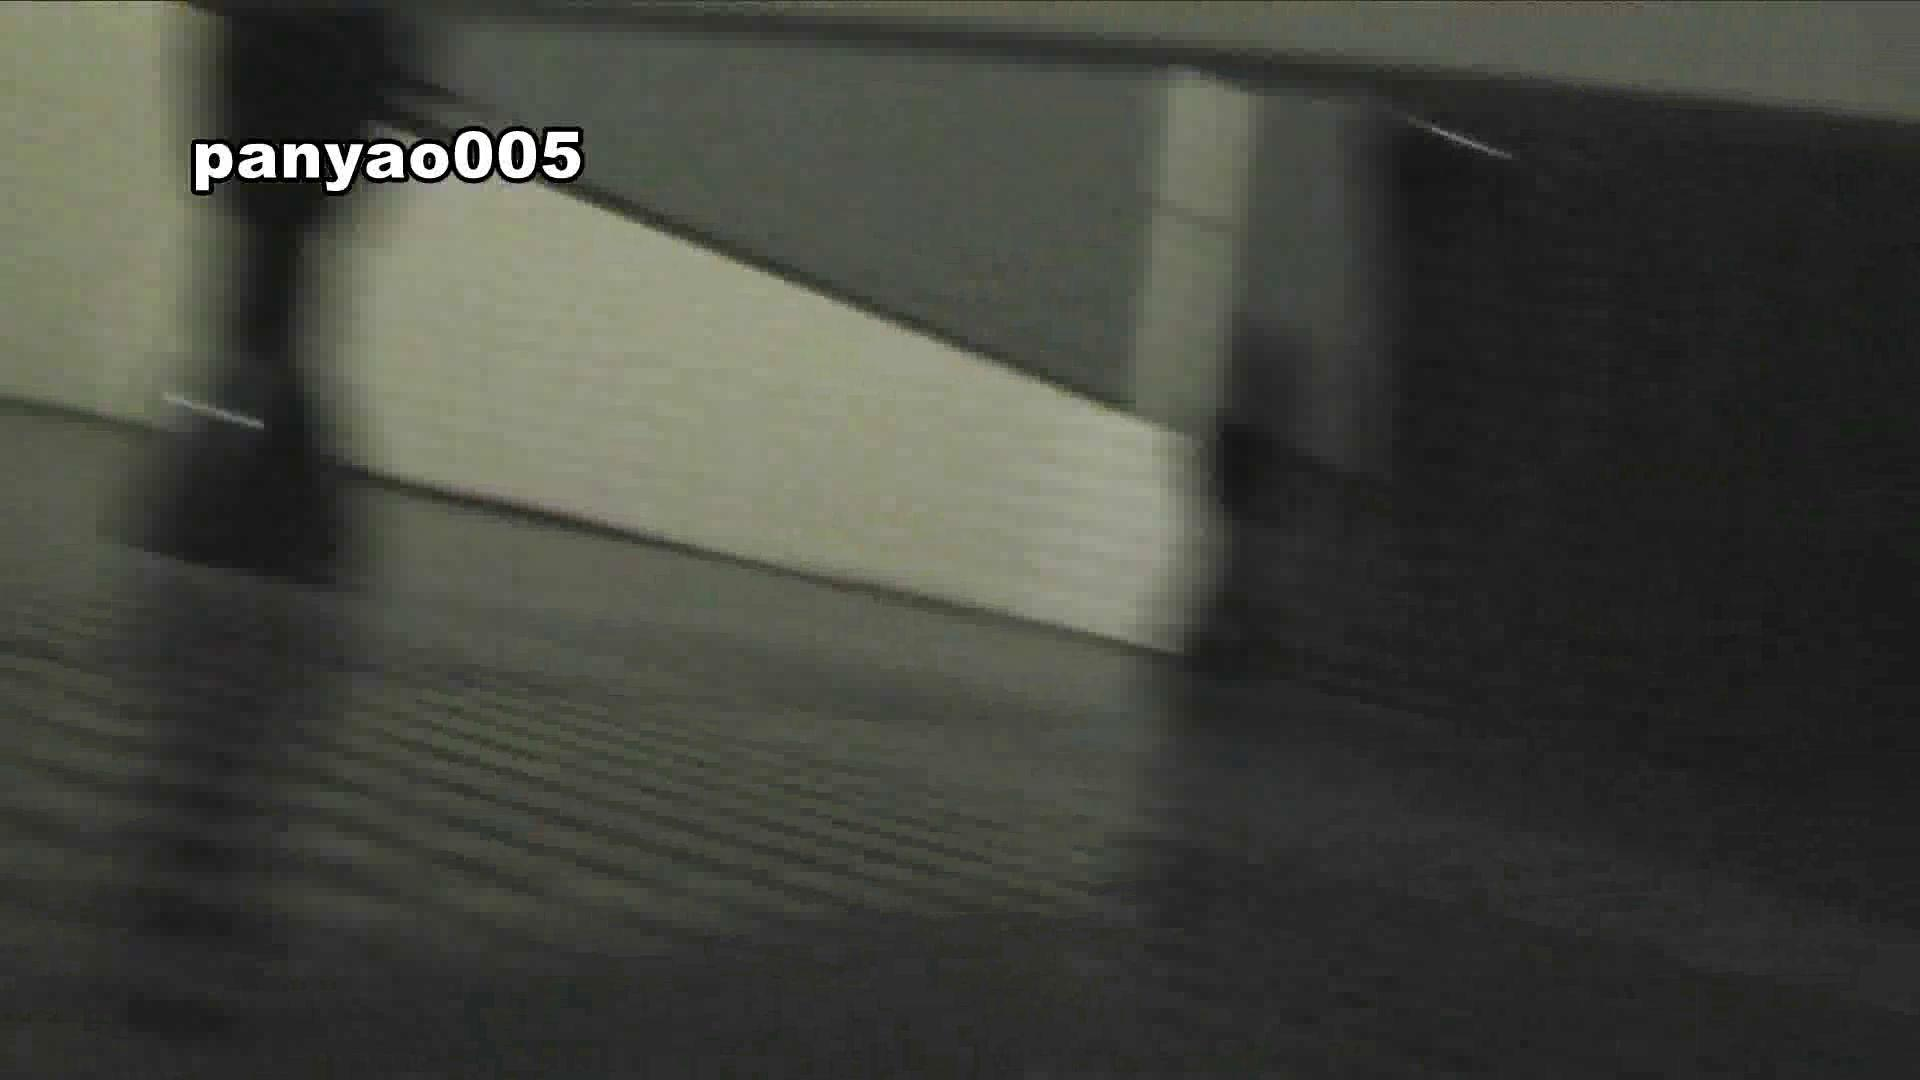 日本成人用品展览会。vol.05 そんな格好で… 潜入突撃 | 着替え  96pic 46